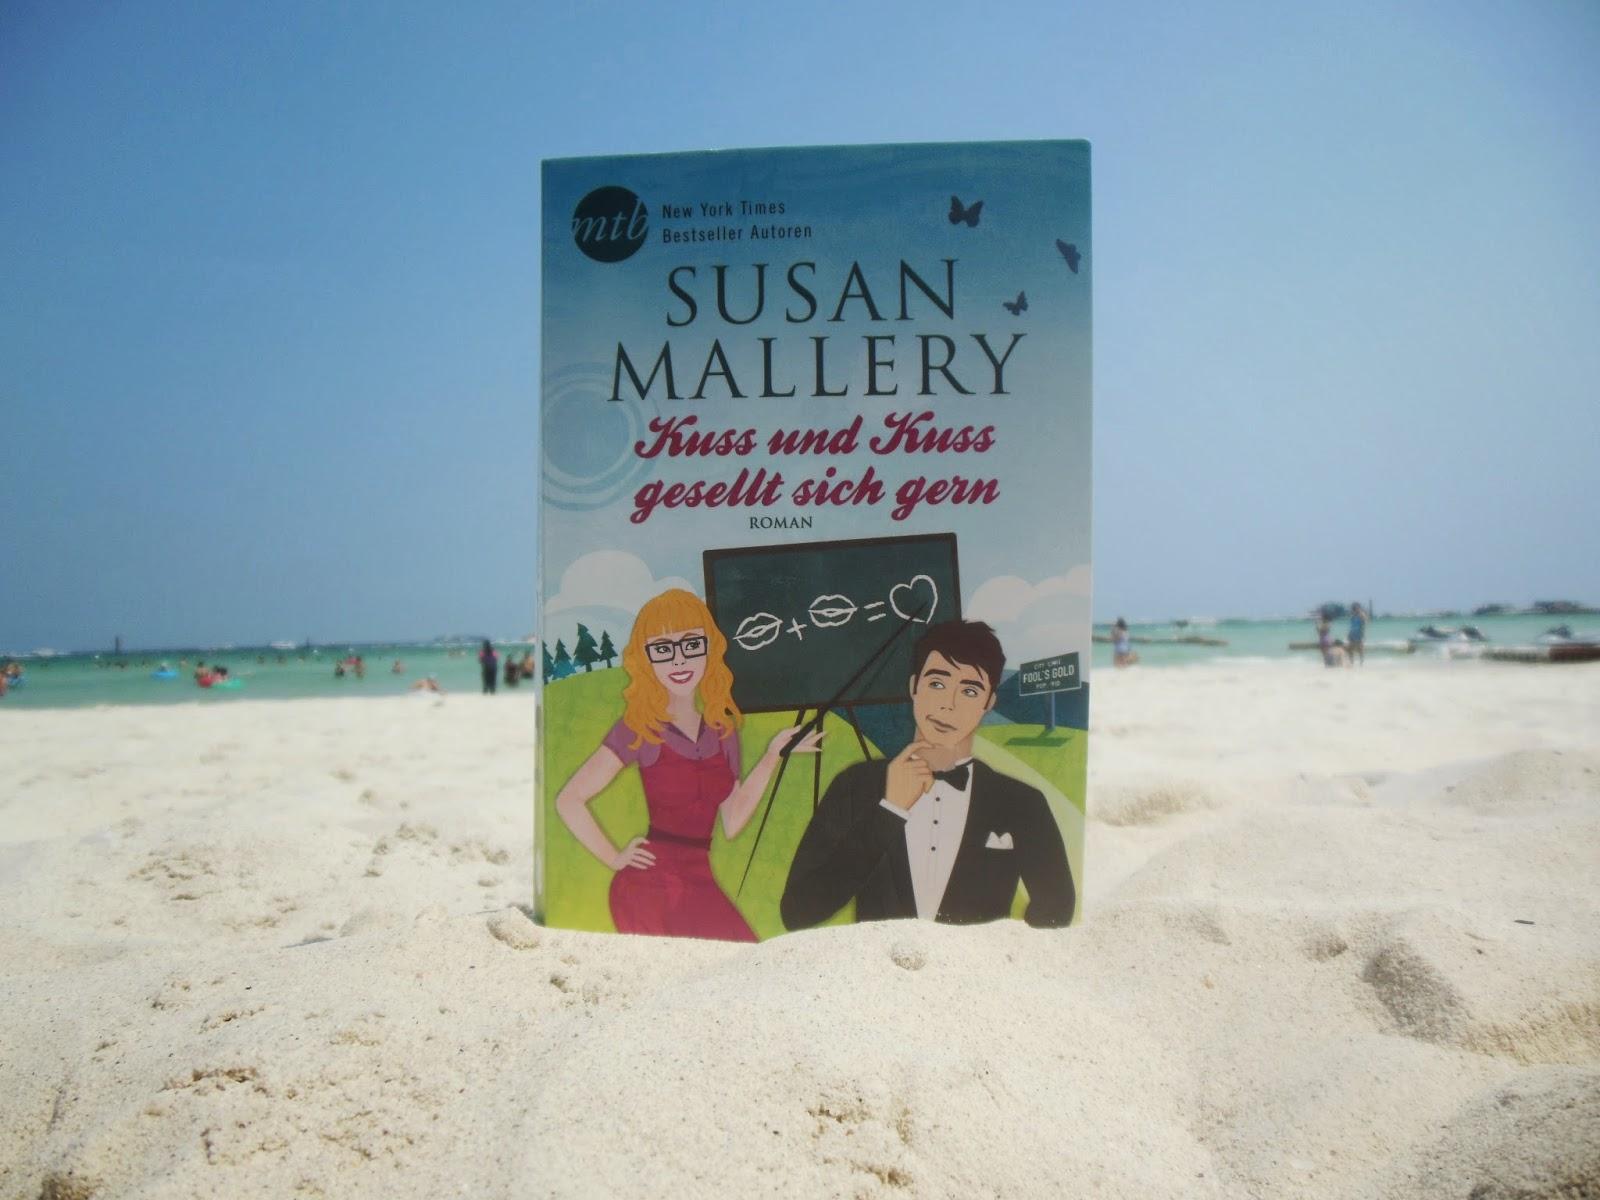 Susan Mallery - Kuss und Kuss gesellt sich gern